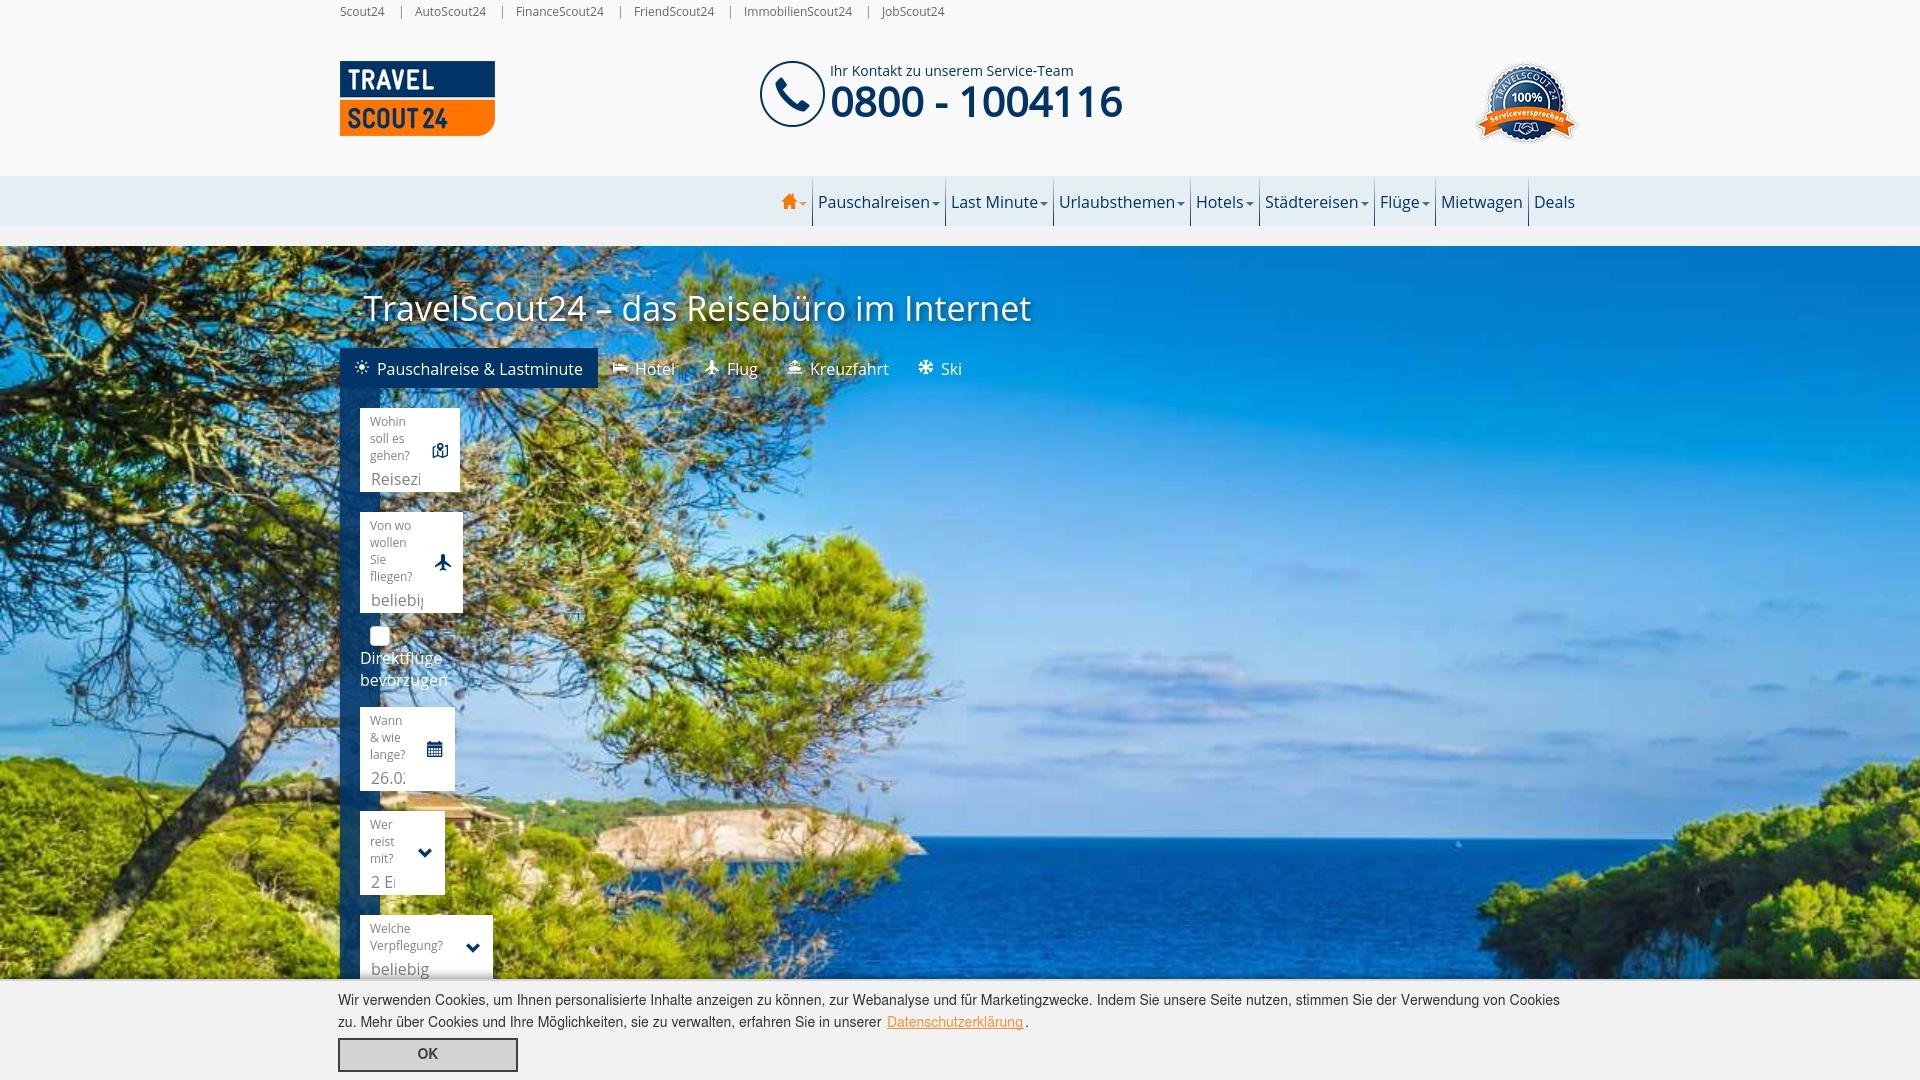 Geld zurück bei Travelscout24: Jetzt im Oktober 2021 Cashback für Travelscout24 sichern